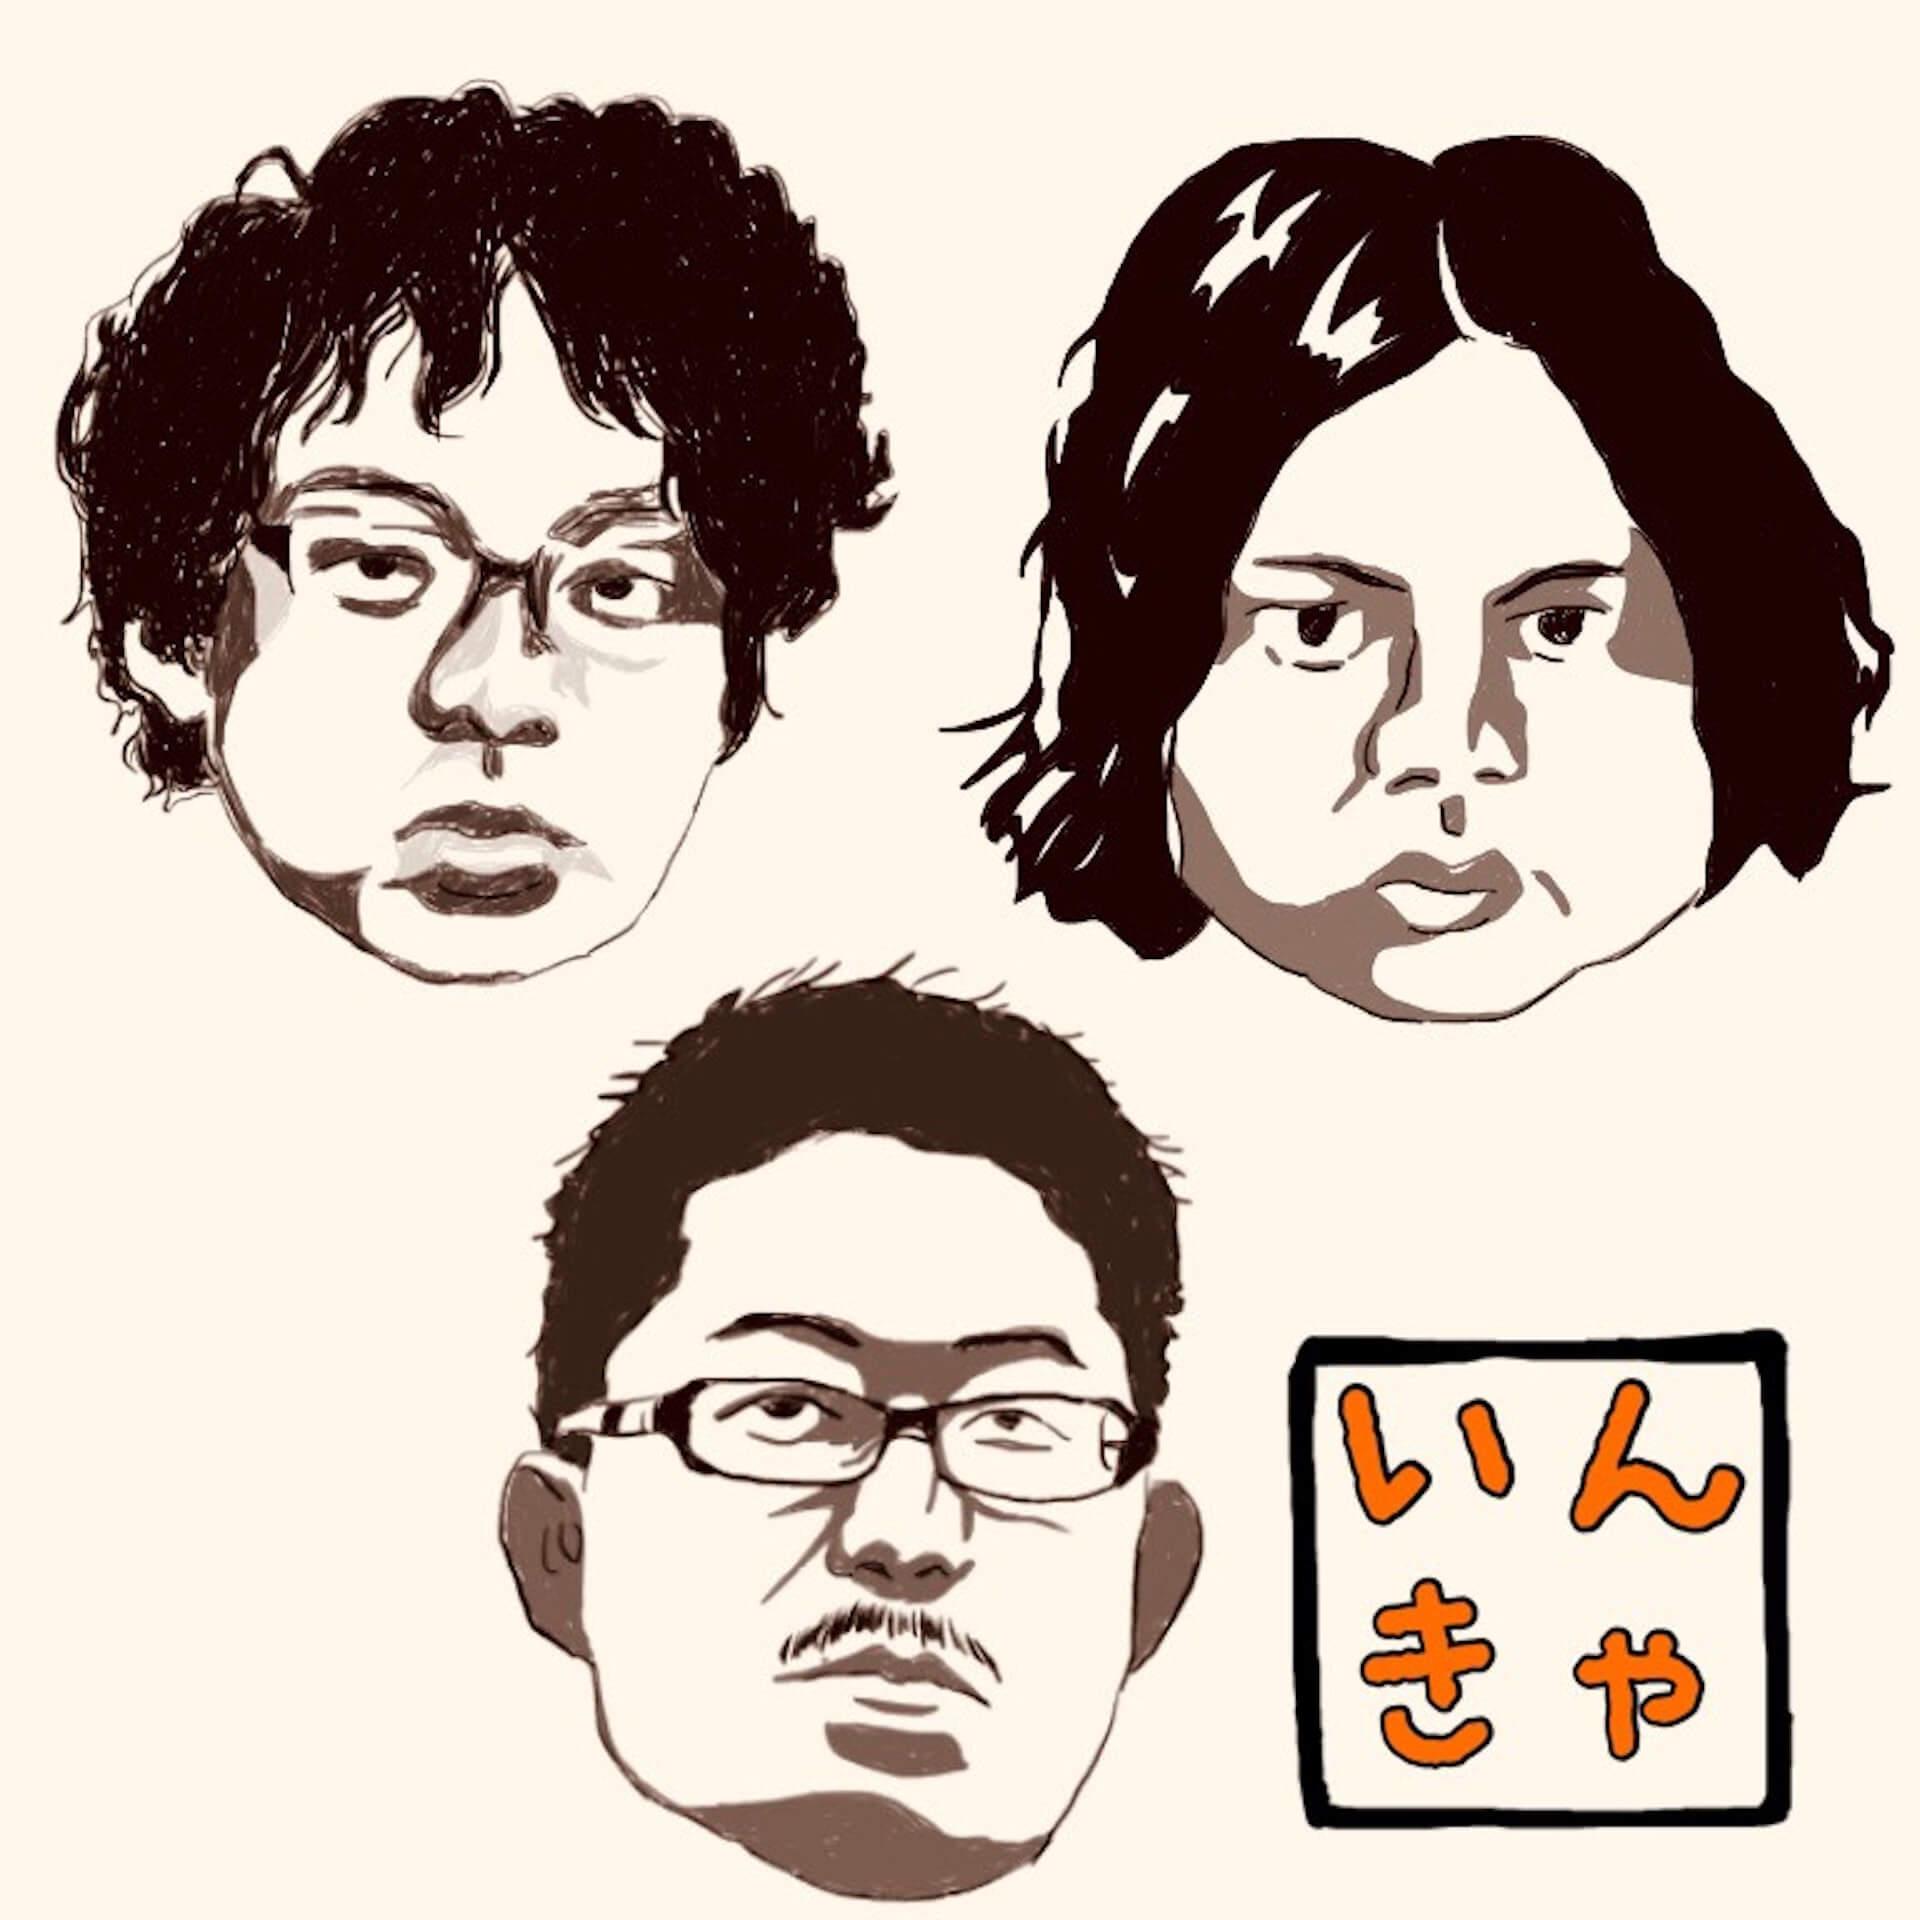 岩間俊樹(SANABAGUN.)がプロデュースする3⼈組IN-KYA in Canada、2ndシングル「Fender Girl」のMVを公開 music201127_inkya-in-canada_2